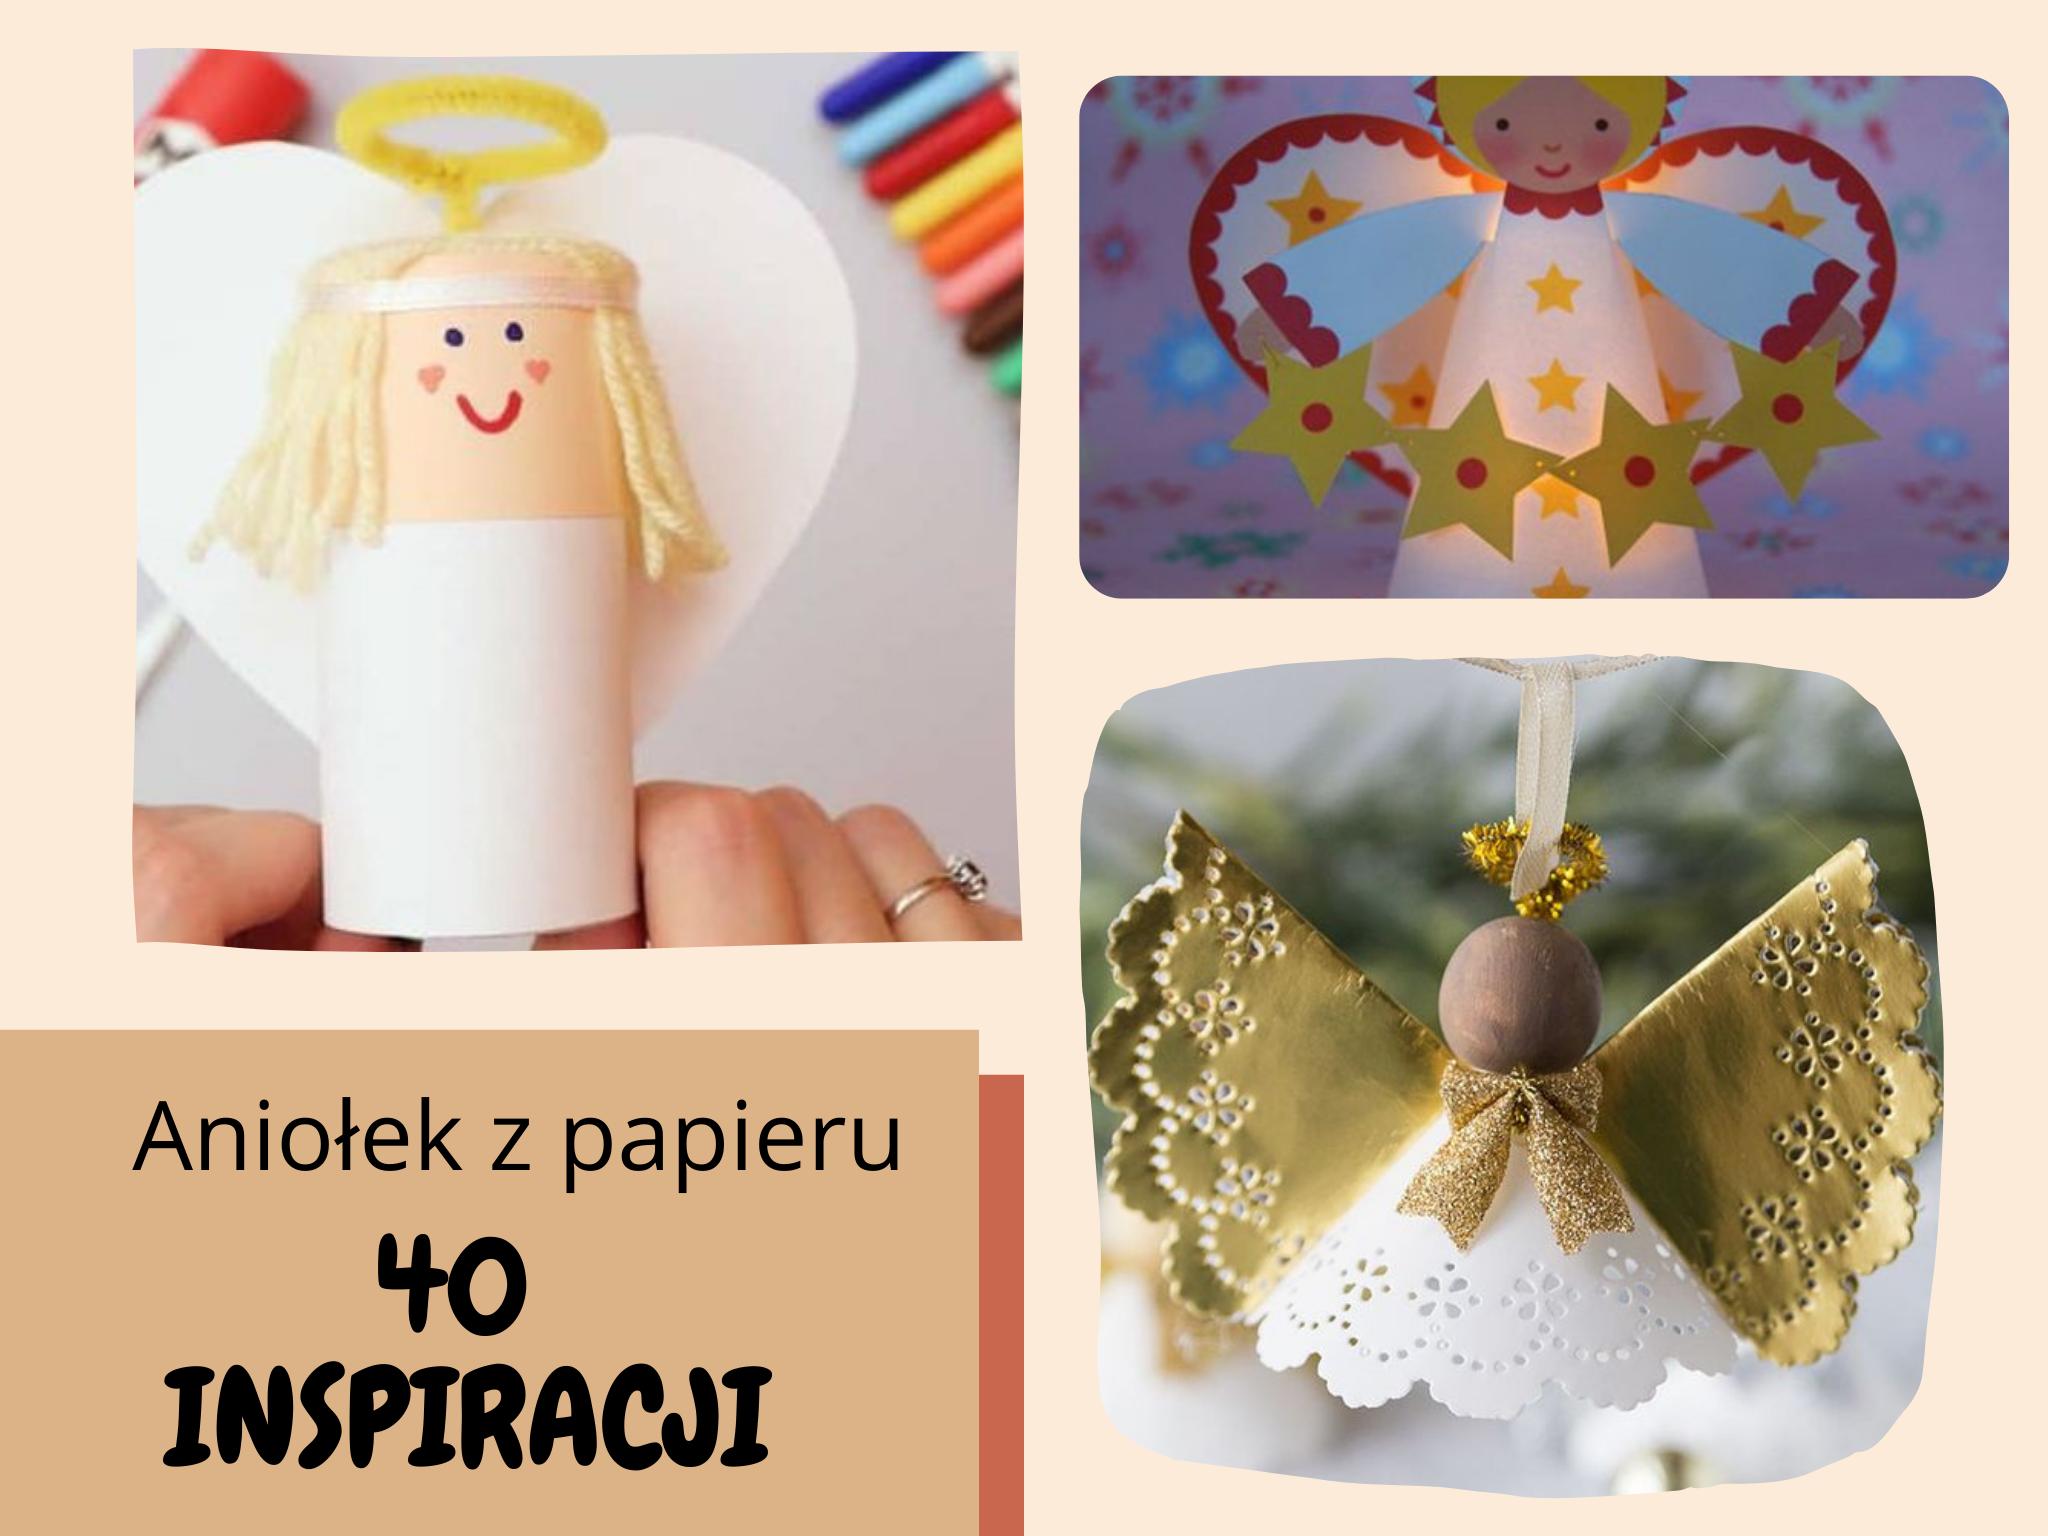 aniołek z papieru